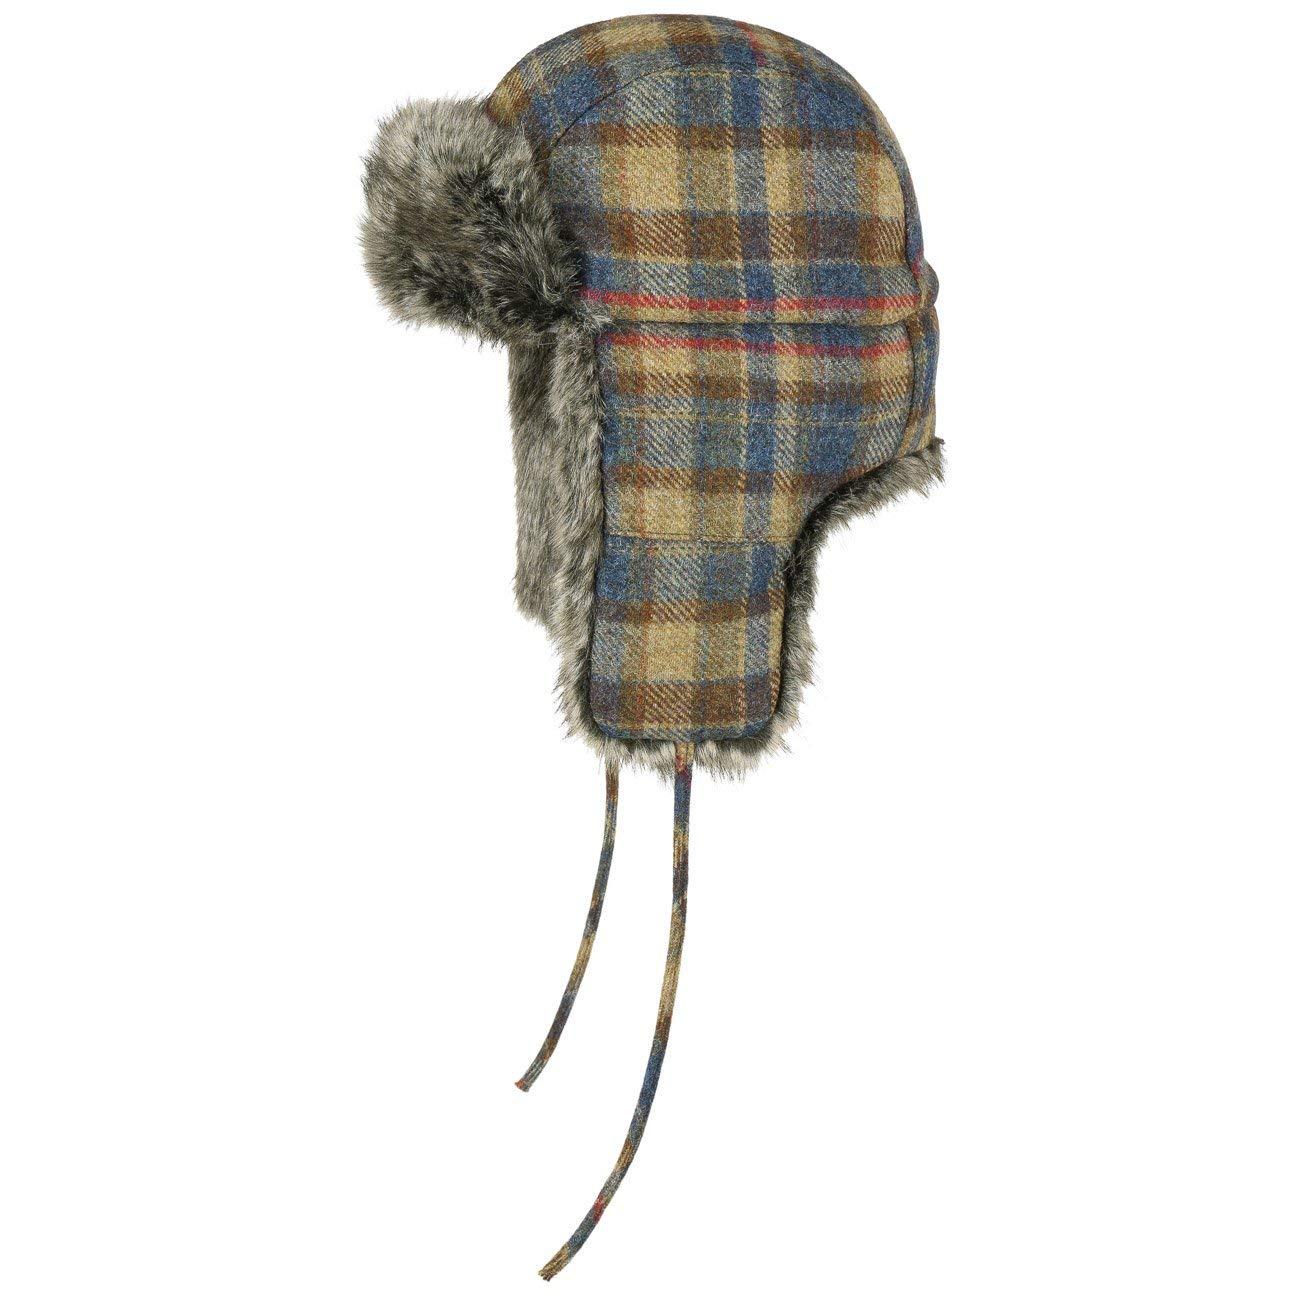 Stetson Virgin Wool Check Fliegermütze Pilotenmütze Lapeer Wintermütze Ohrenmütze für Damen und Herren mit Ohrenklappen, Futter Winter